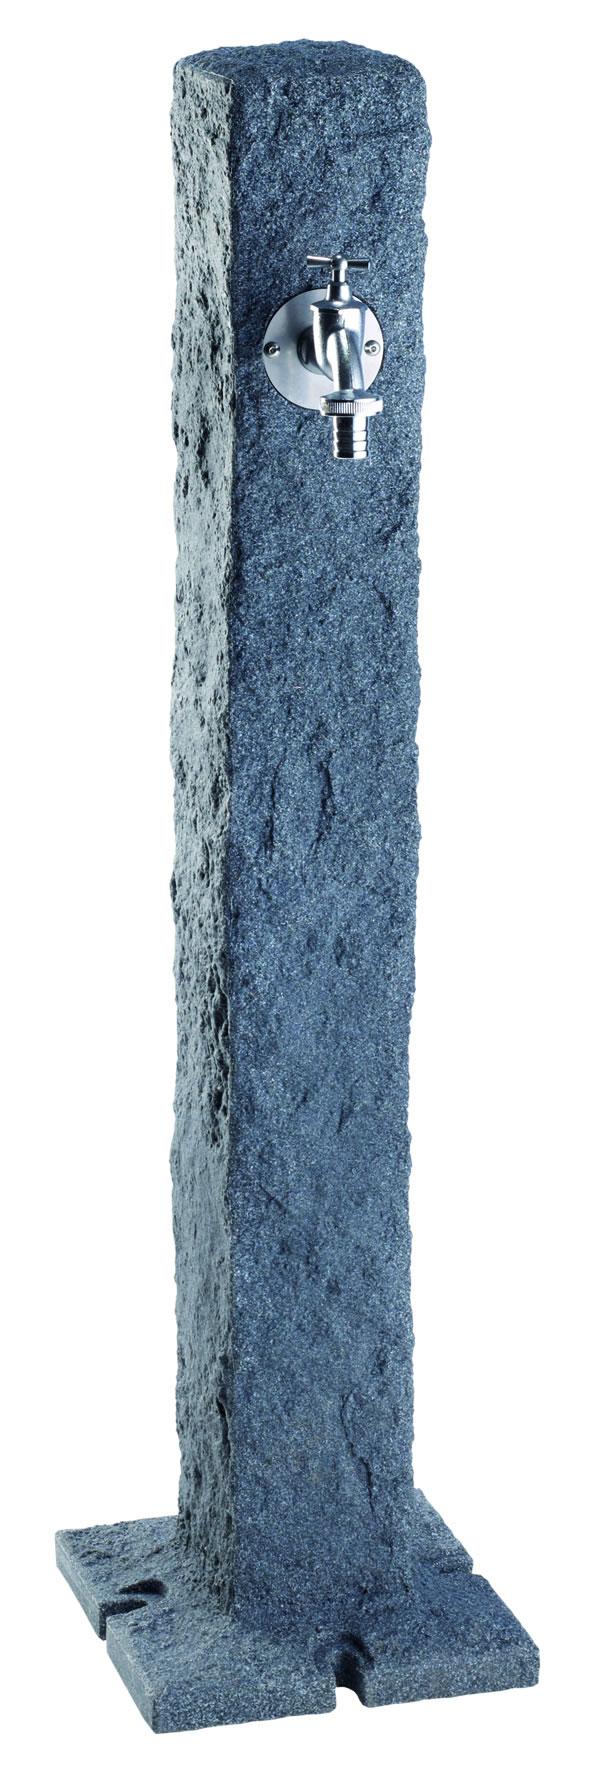 poteau d coratif robinet sur pilier accessoires pour barils de pluie jardin. Black Bedroom Furniture Sets. Home Design Ideas